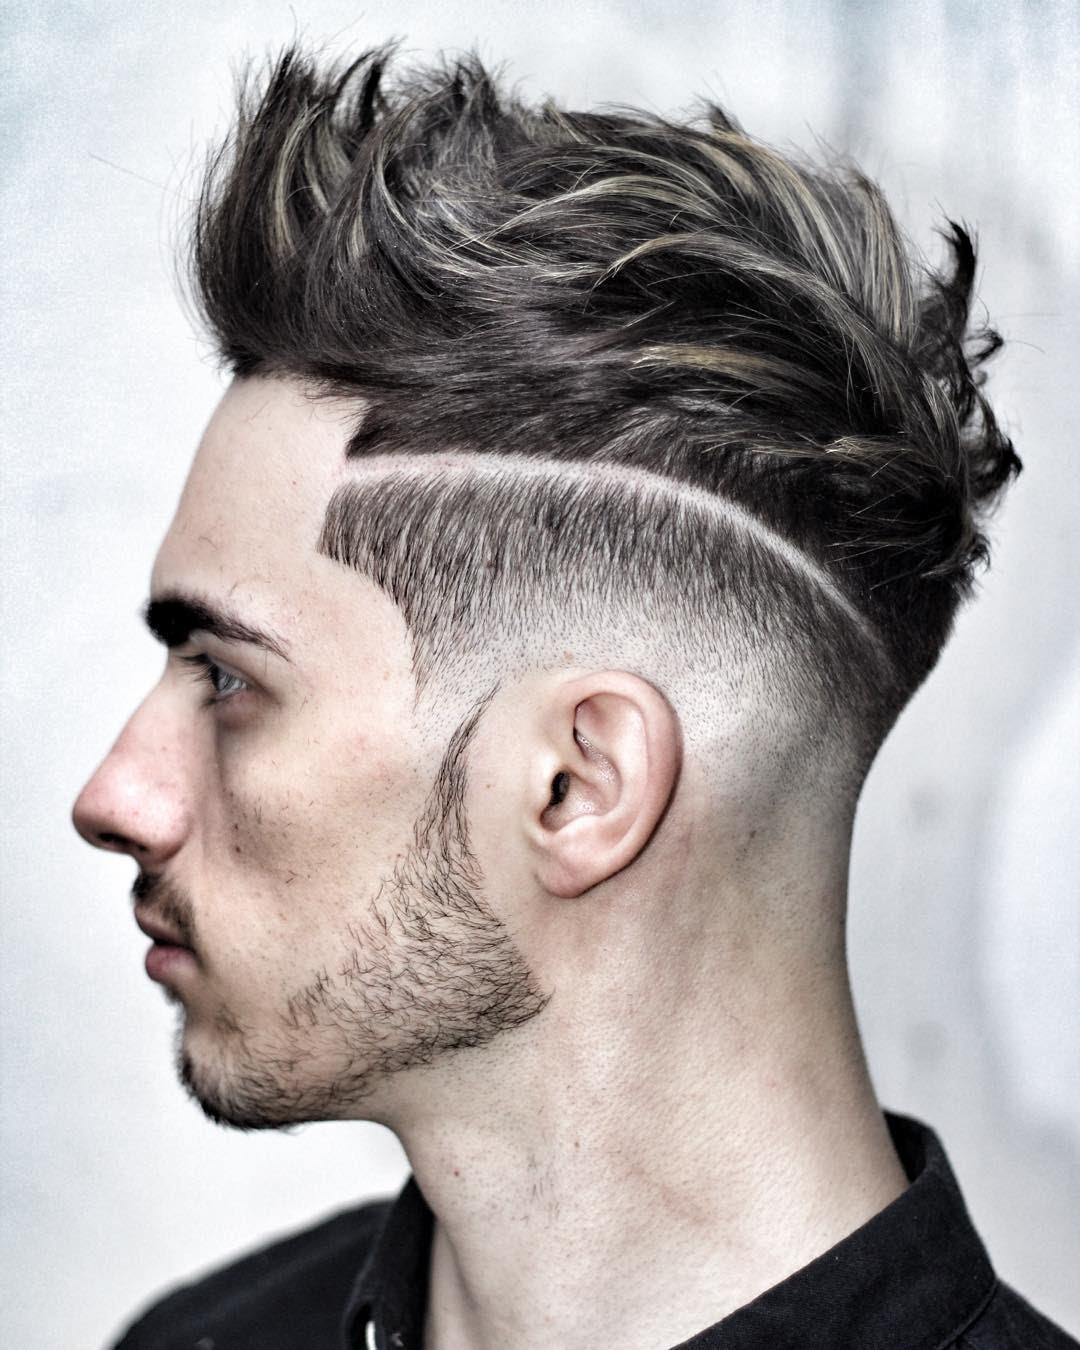 بالصور قصات شعر للرجال , احدث صيحات الشعر للرجال 2296 2